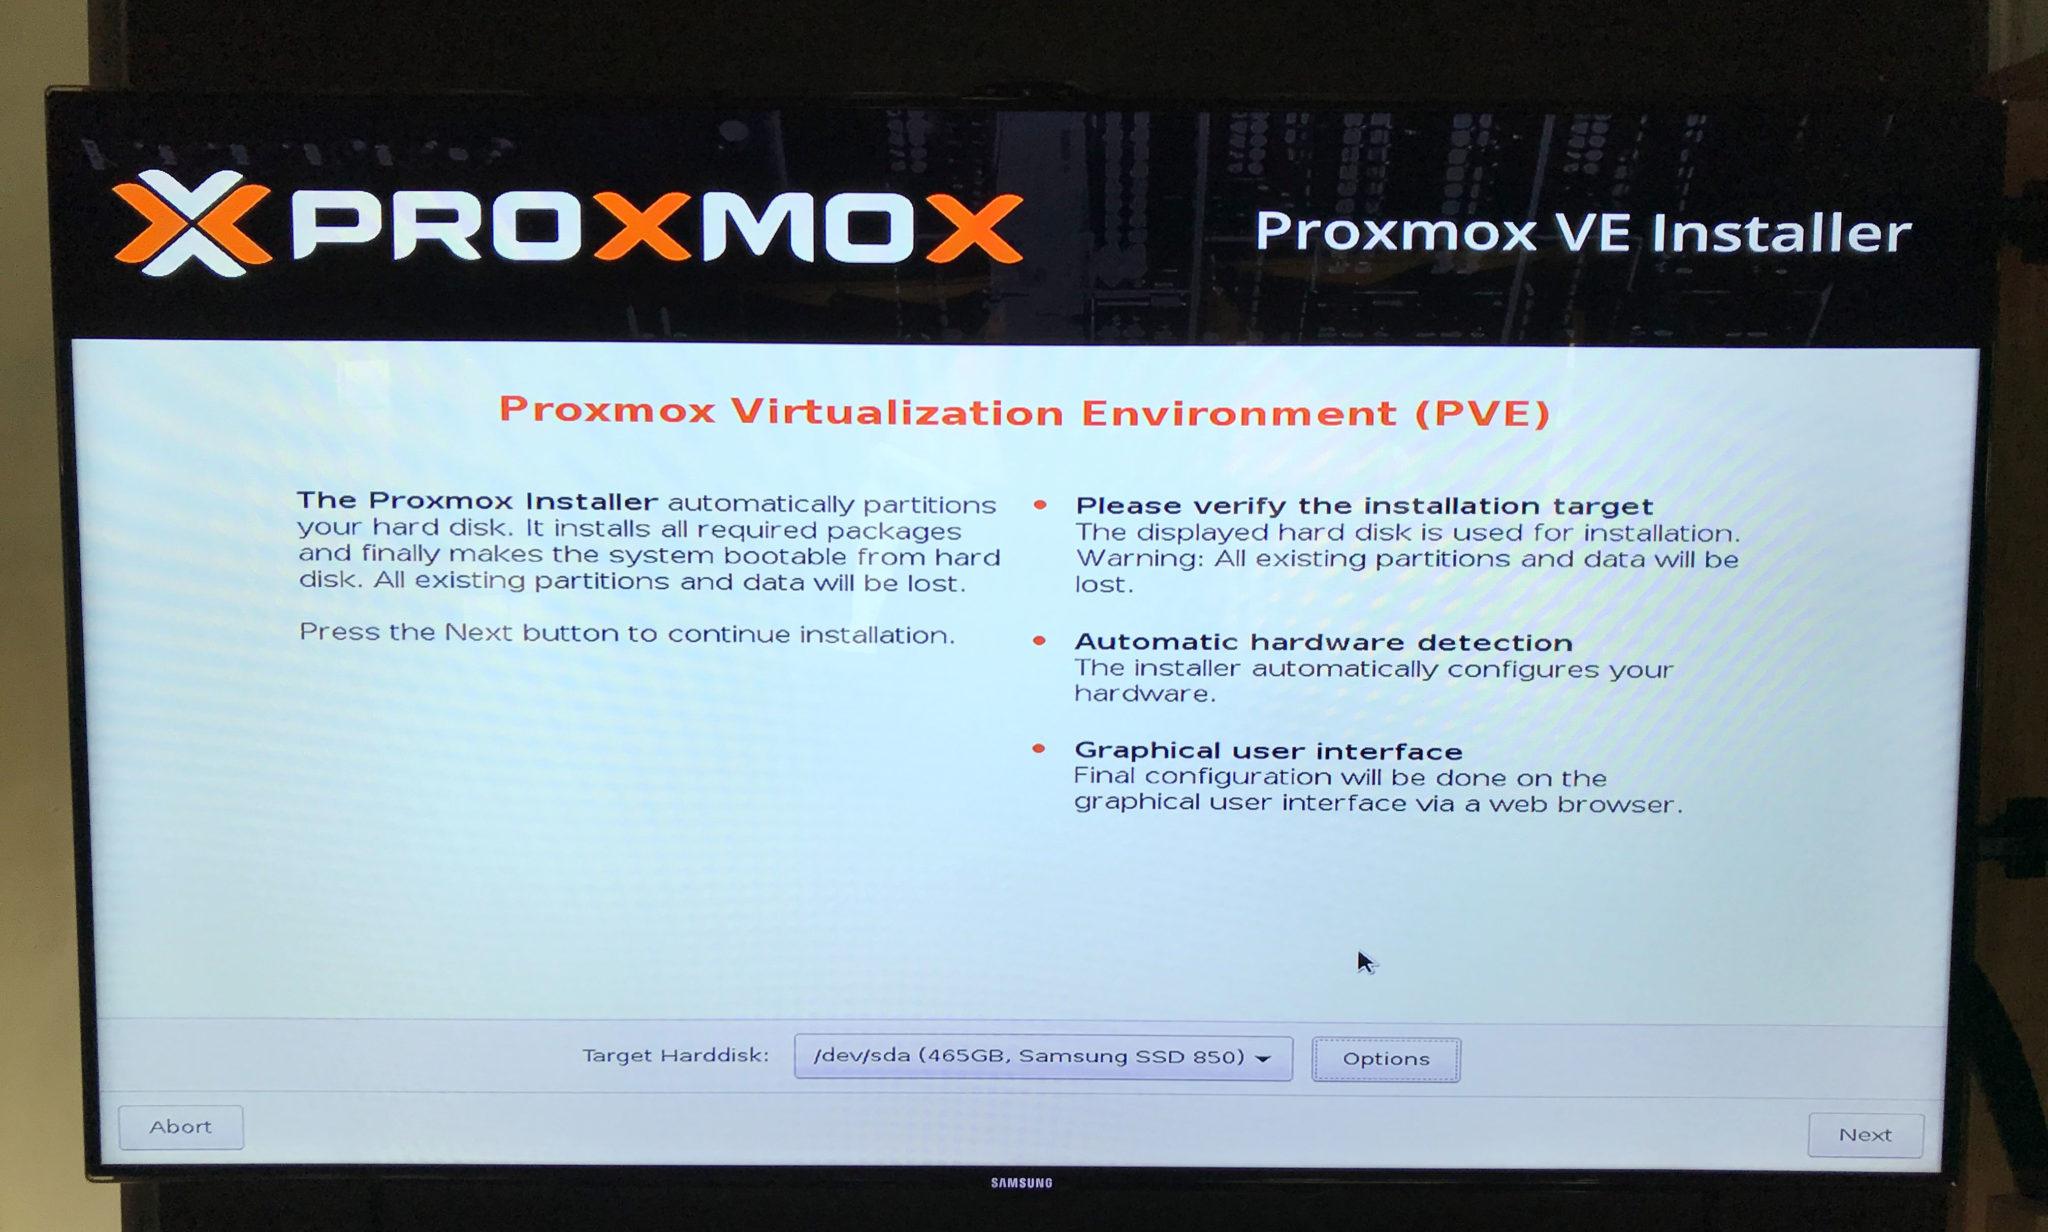 Auswahlbildschirm der Installationsoptionen und der Festplatte des Proxmox Installers